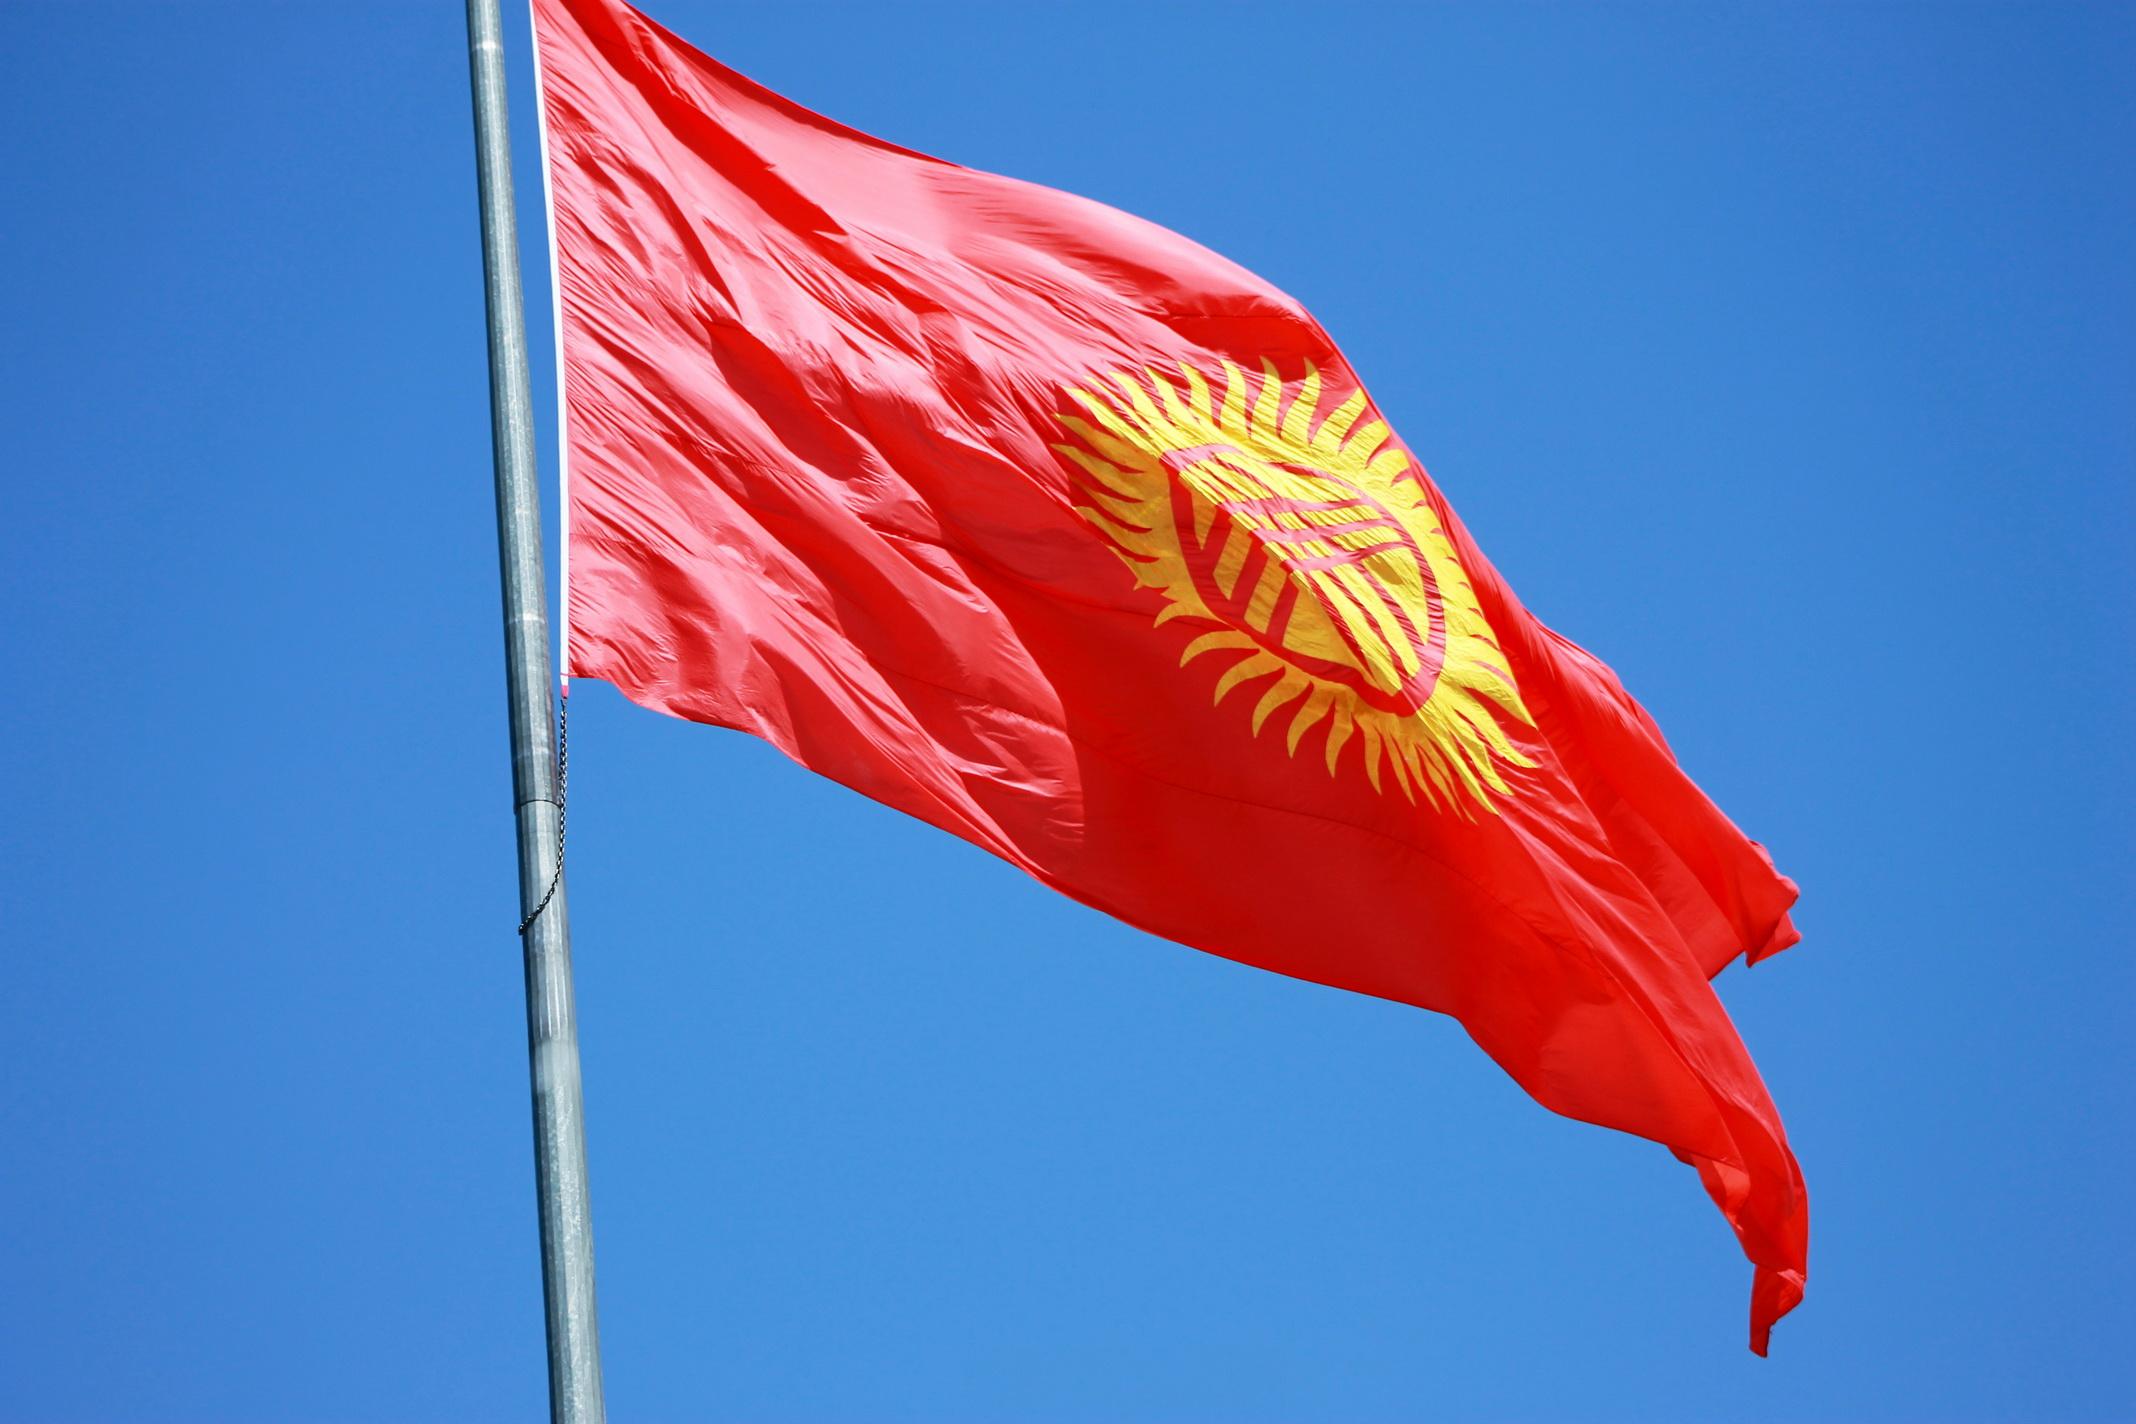 Kyrgyzstan - Компания TAV Airports Holding построит аэропорты в Киргизии